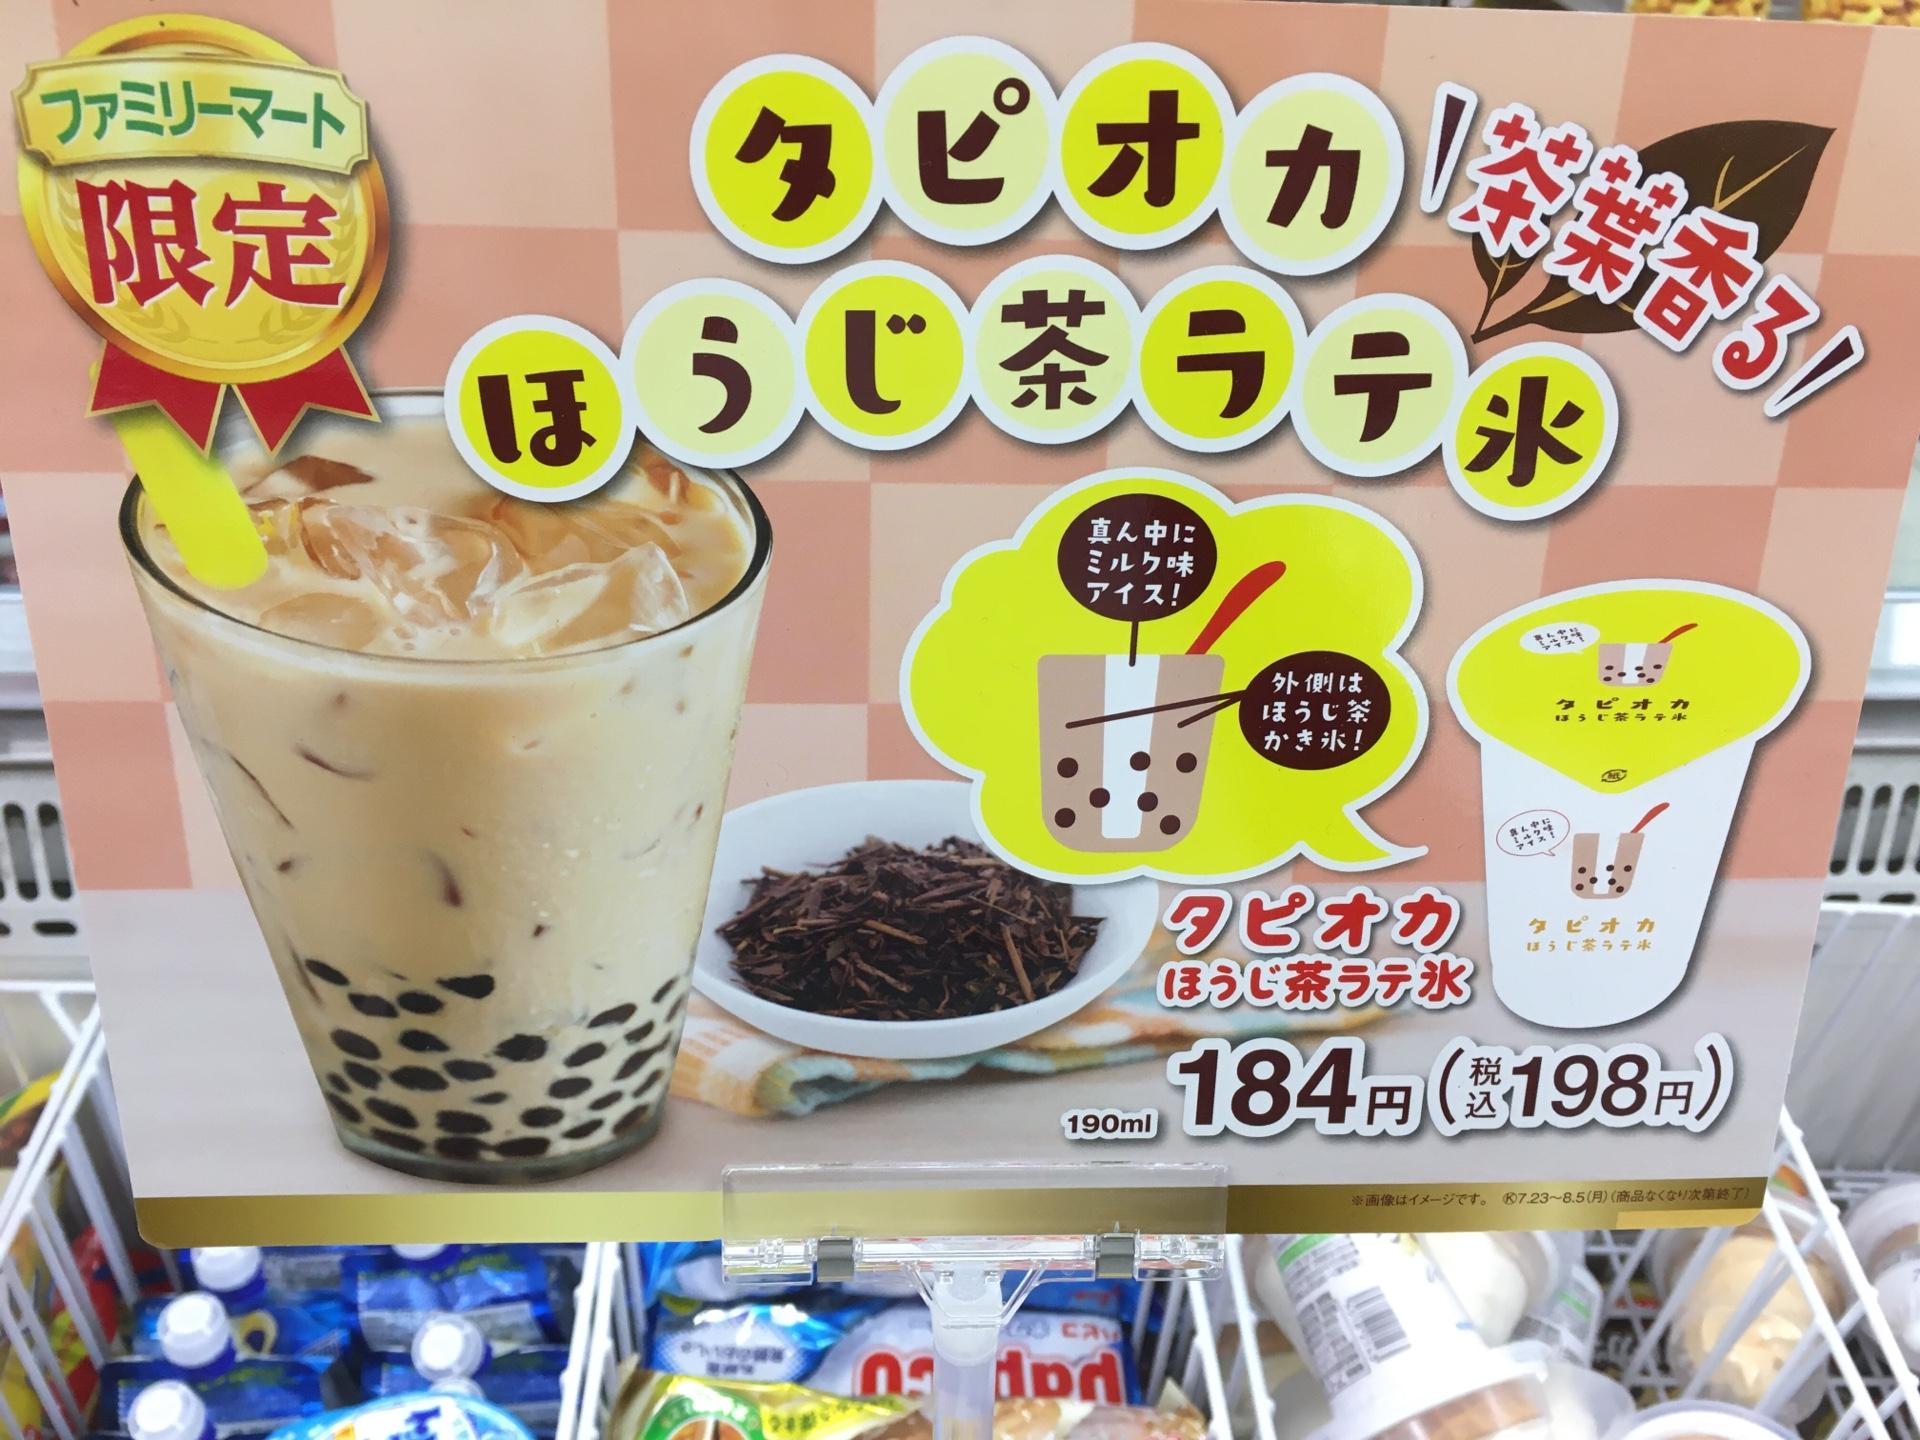 ファミリーマート限定 タピオカほうじ茶ラテ氷